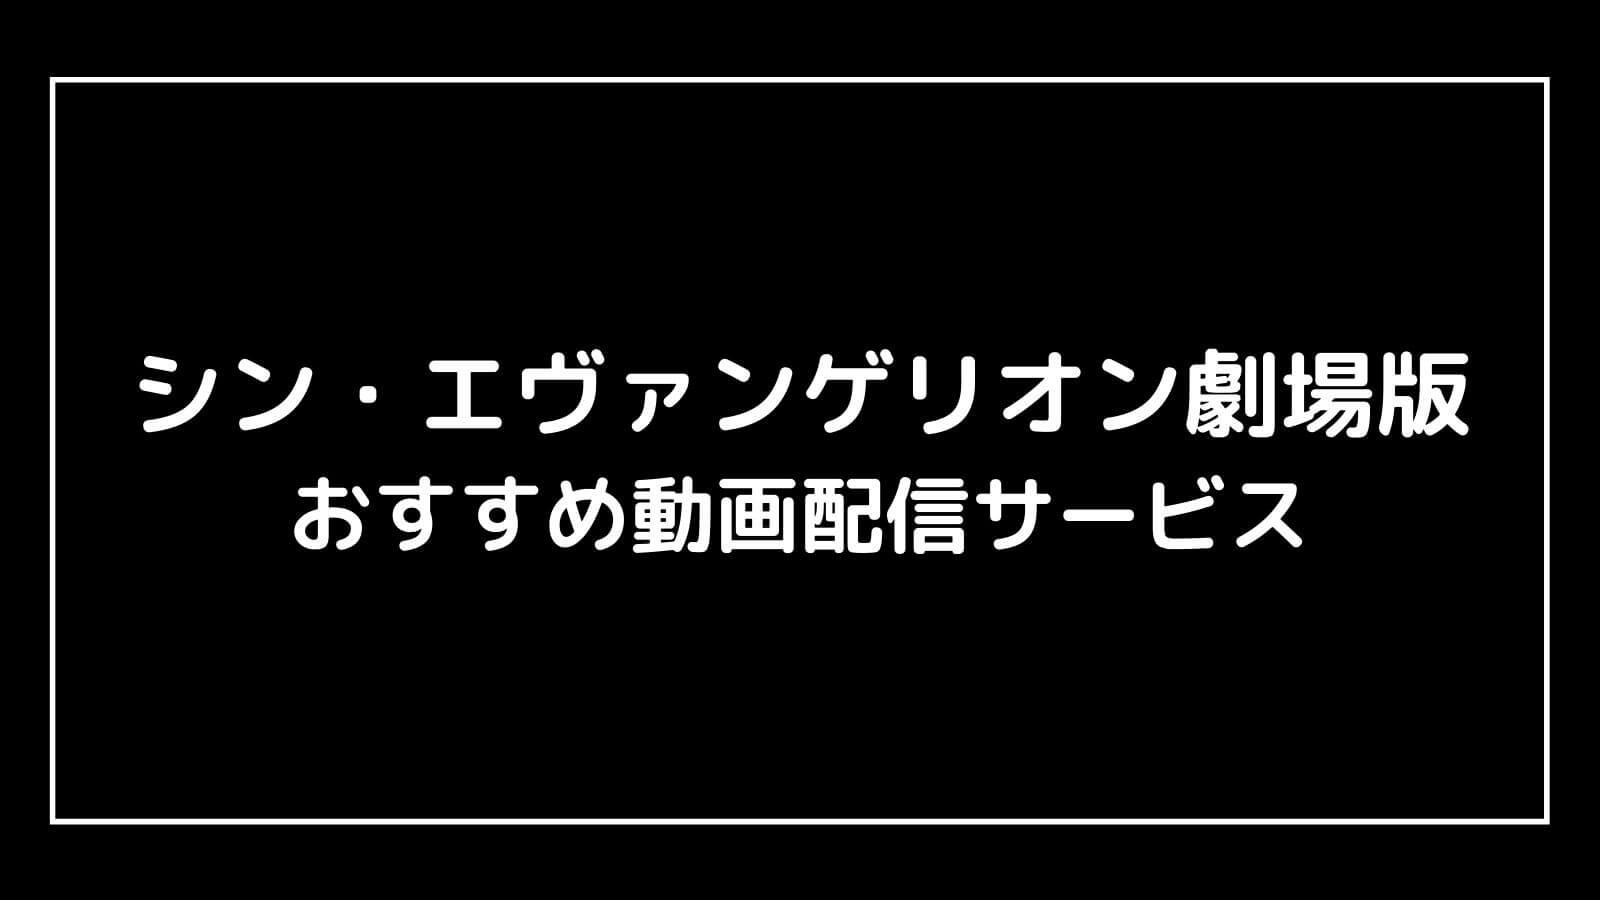 『シン・エヴァンゲリオン劇場版』映画の無料動画配信をフル視聴する方法